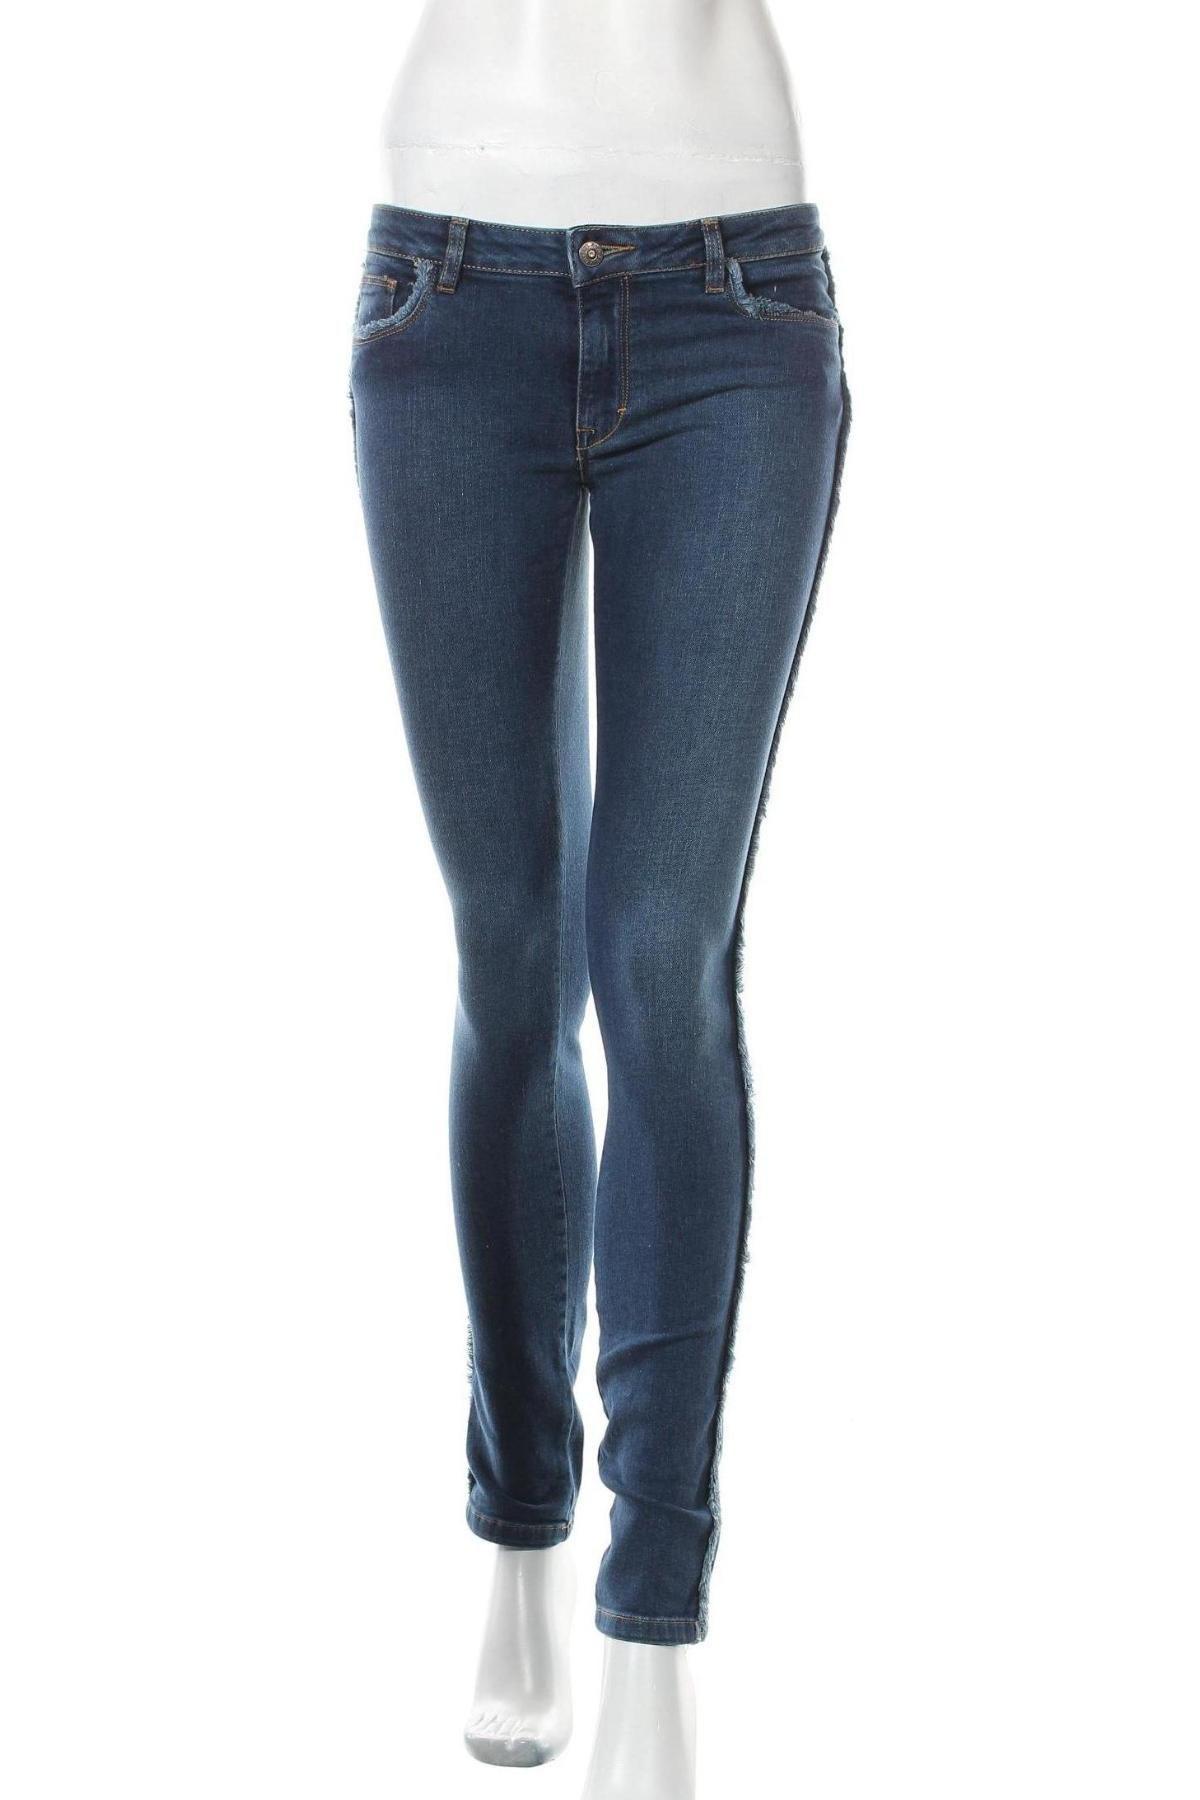 Дамски дънки BelAir, Размер S, Цвят Син, 99% памук, 1% еластан, Цена 20,86лв.